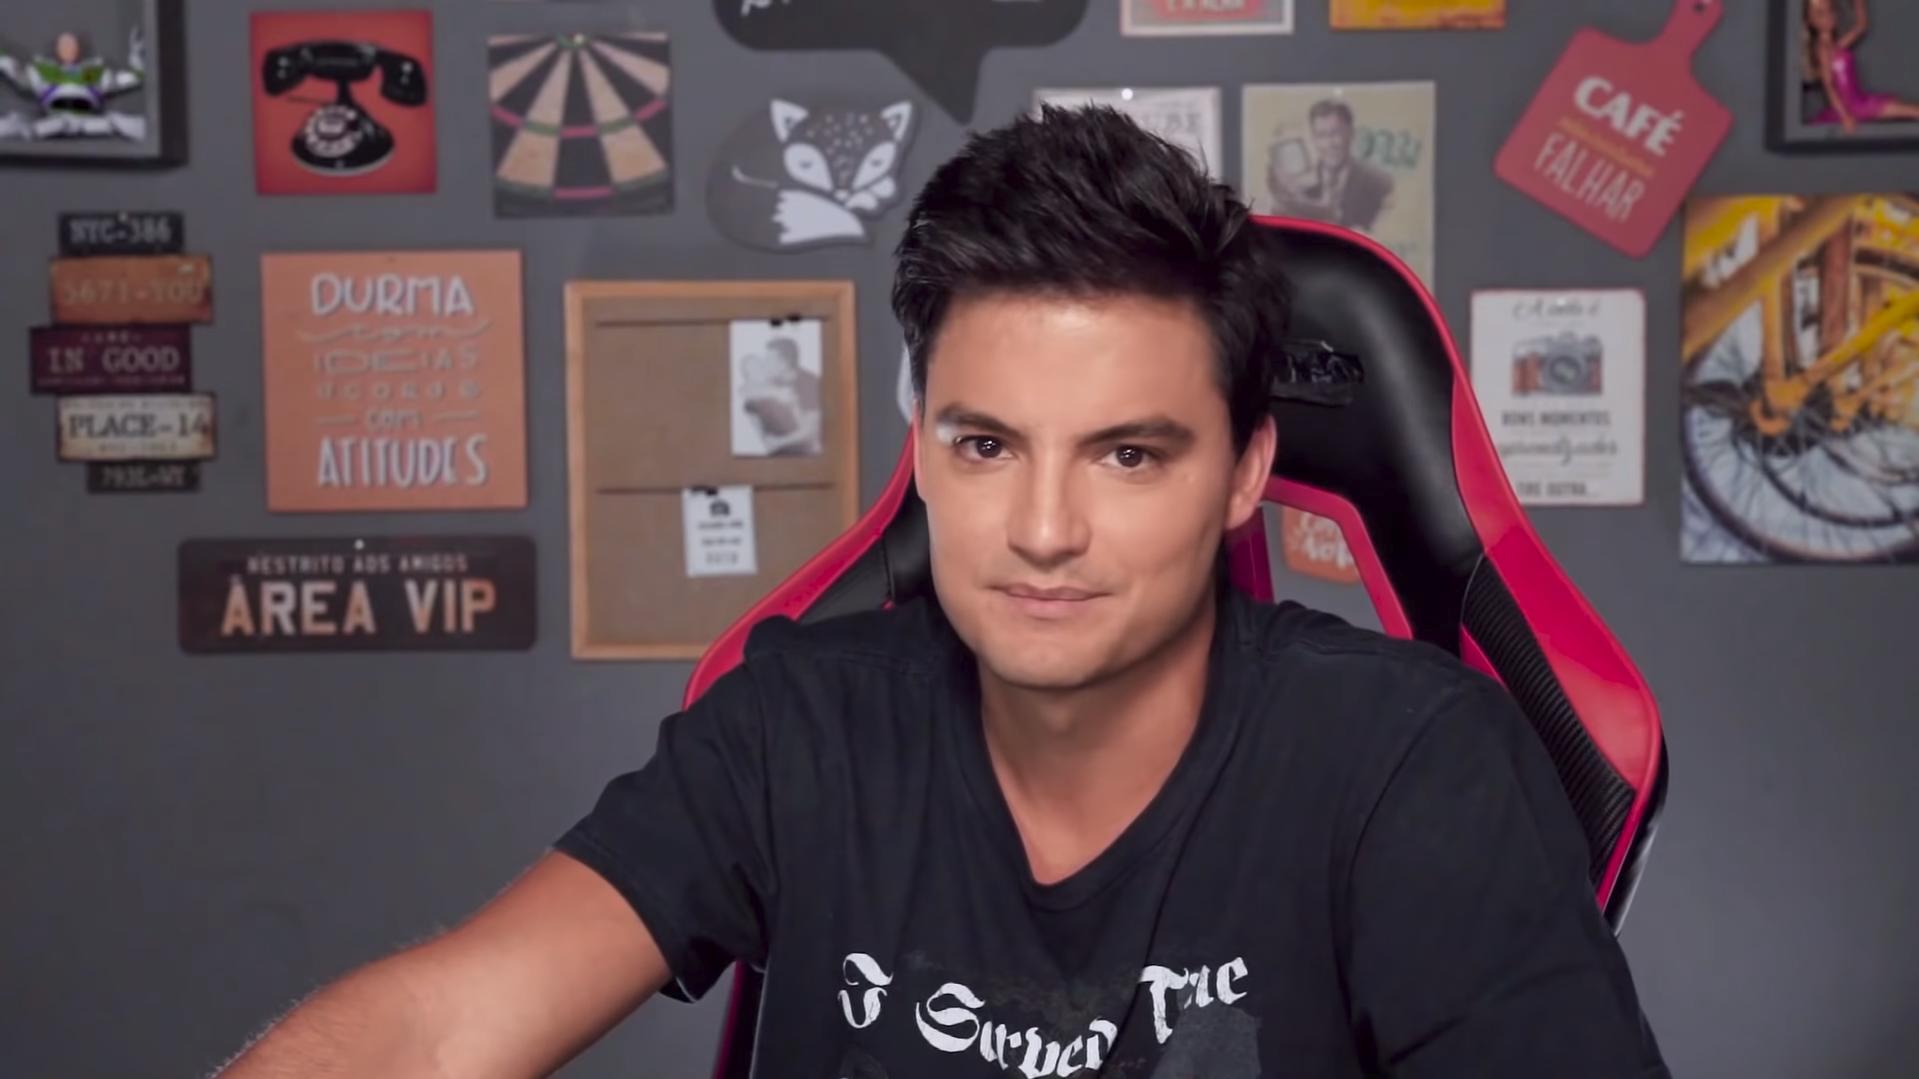 O youtuber Felipe Neto fez um anúncio curioso em seu canal do YouTuber (Foto: Reprodução)